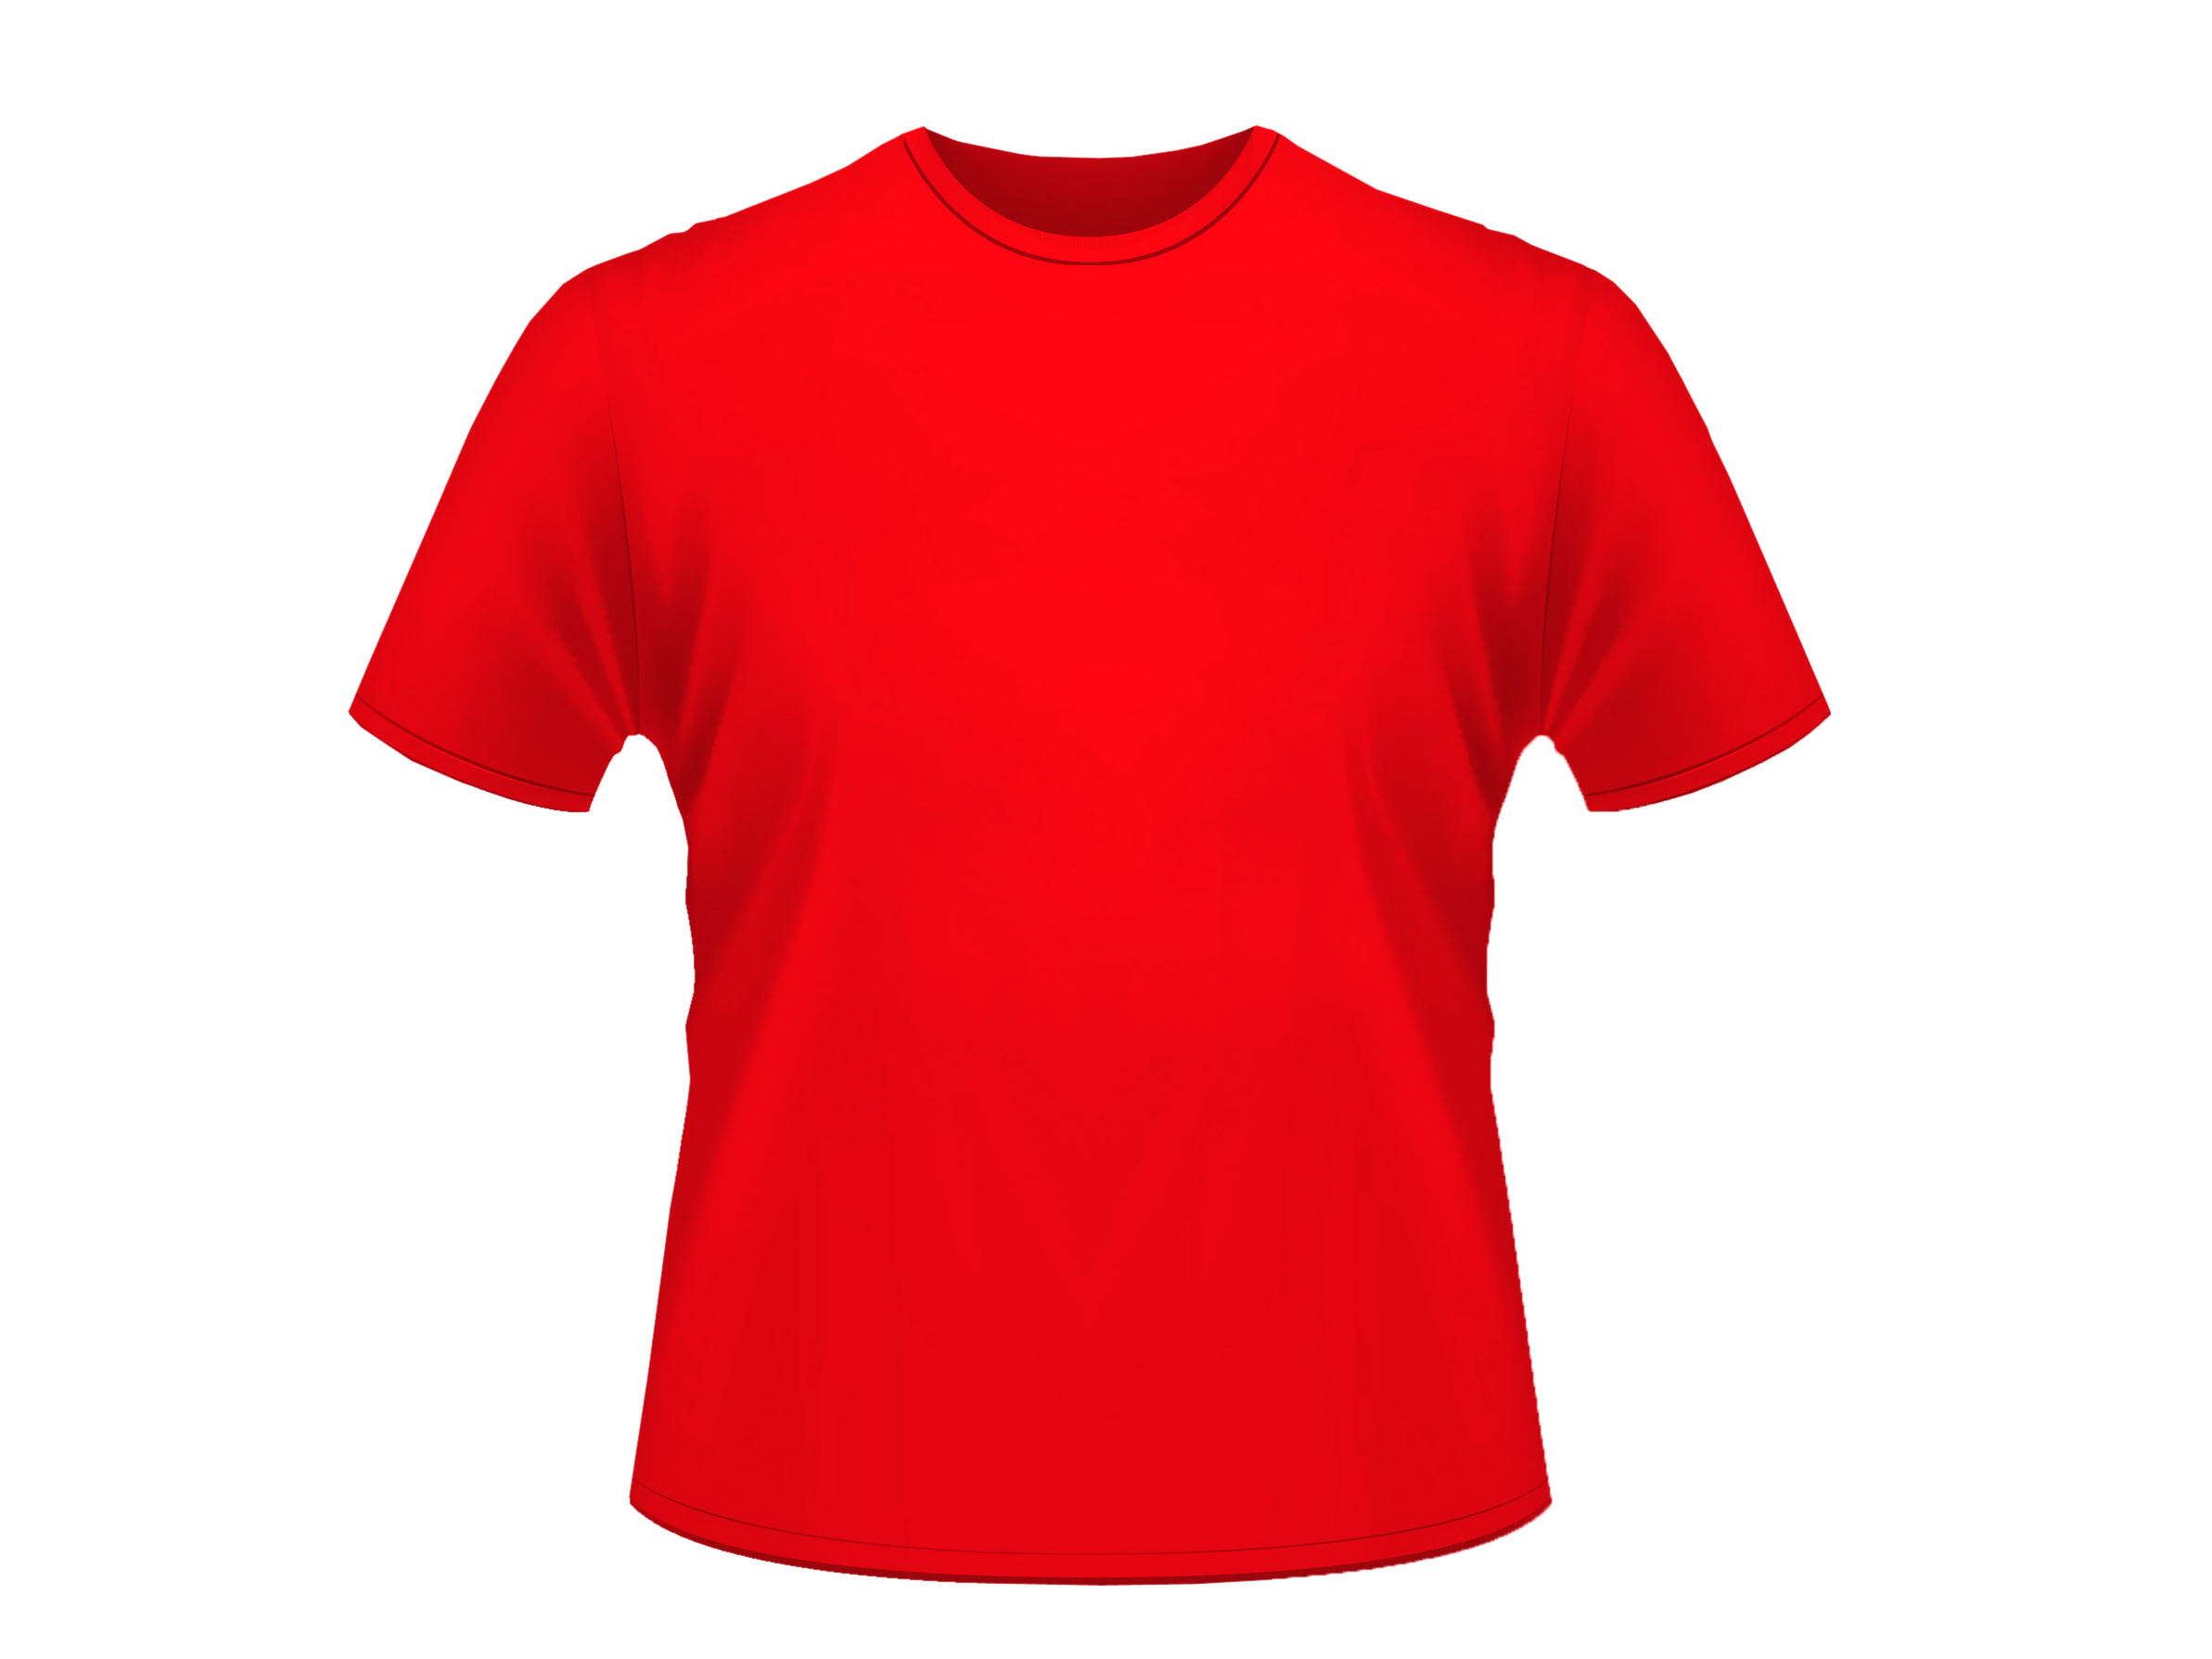 Baju Polos Merah.